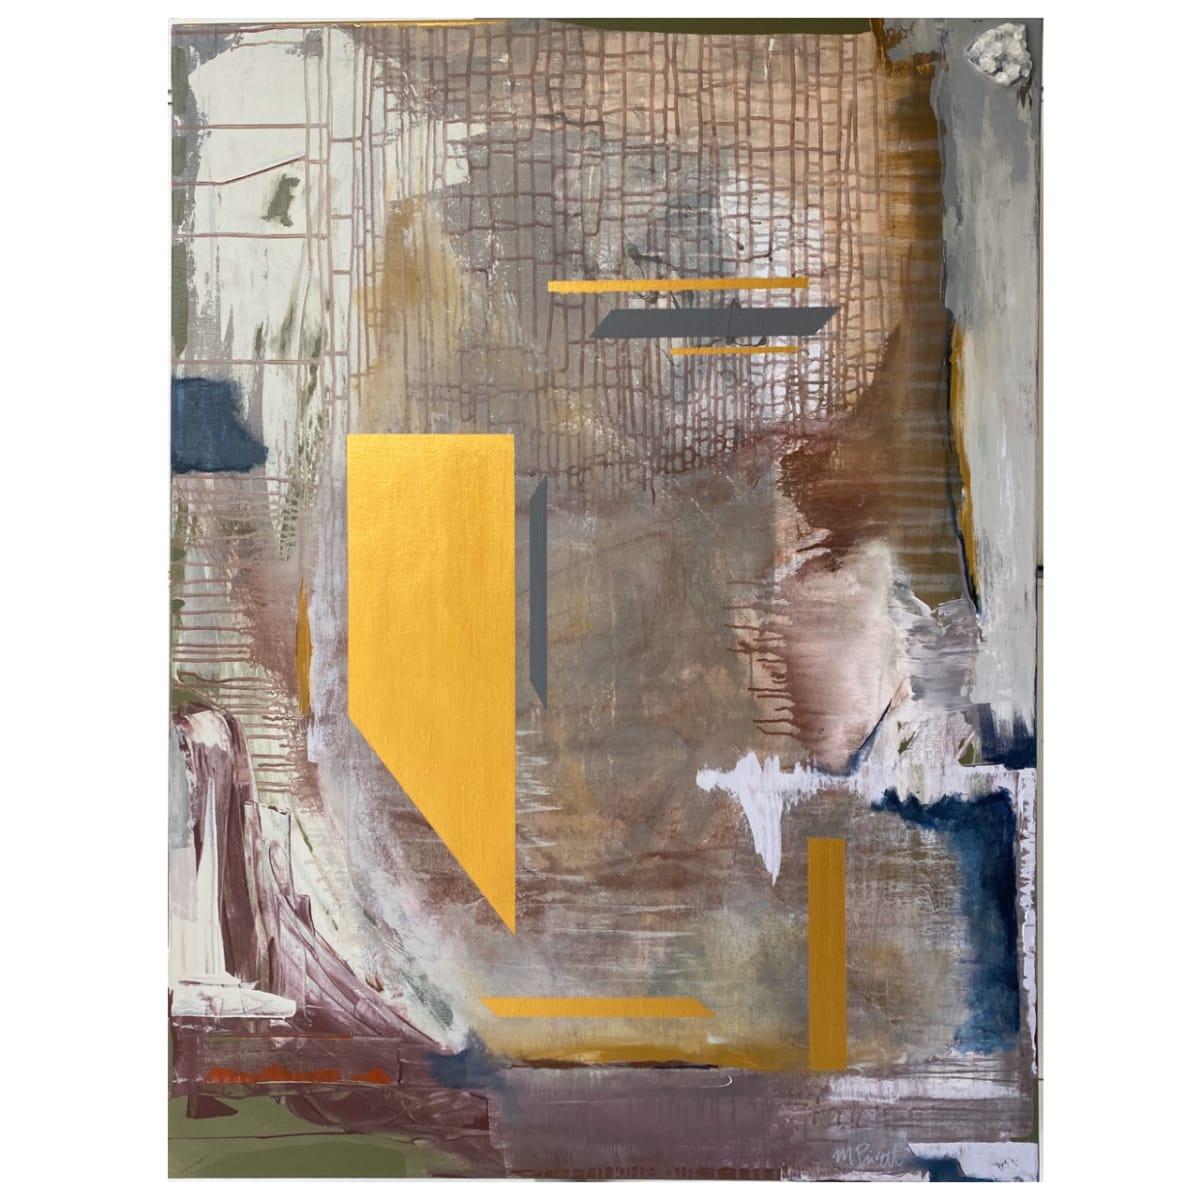 Gilded Hope by Meribeth Privett